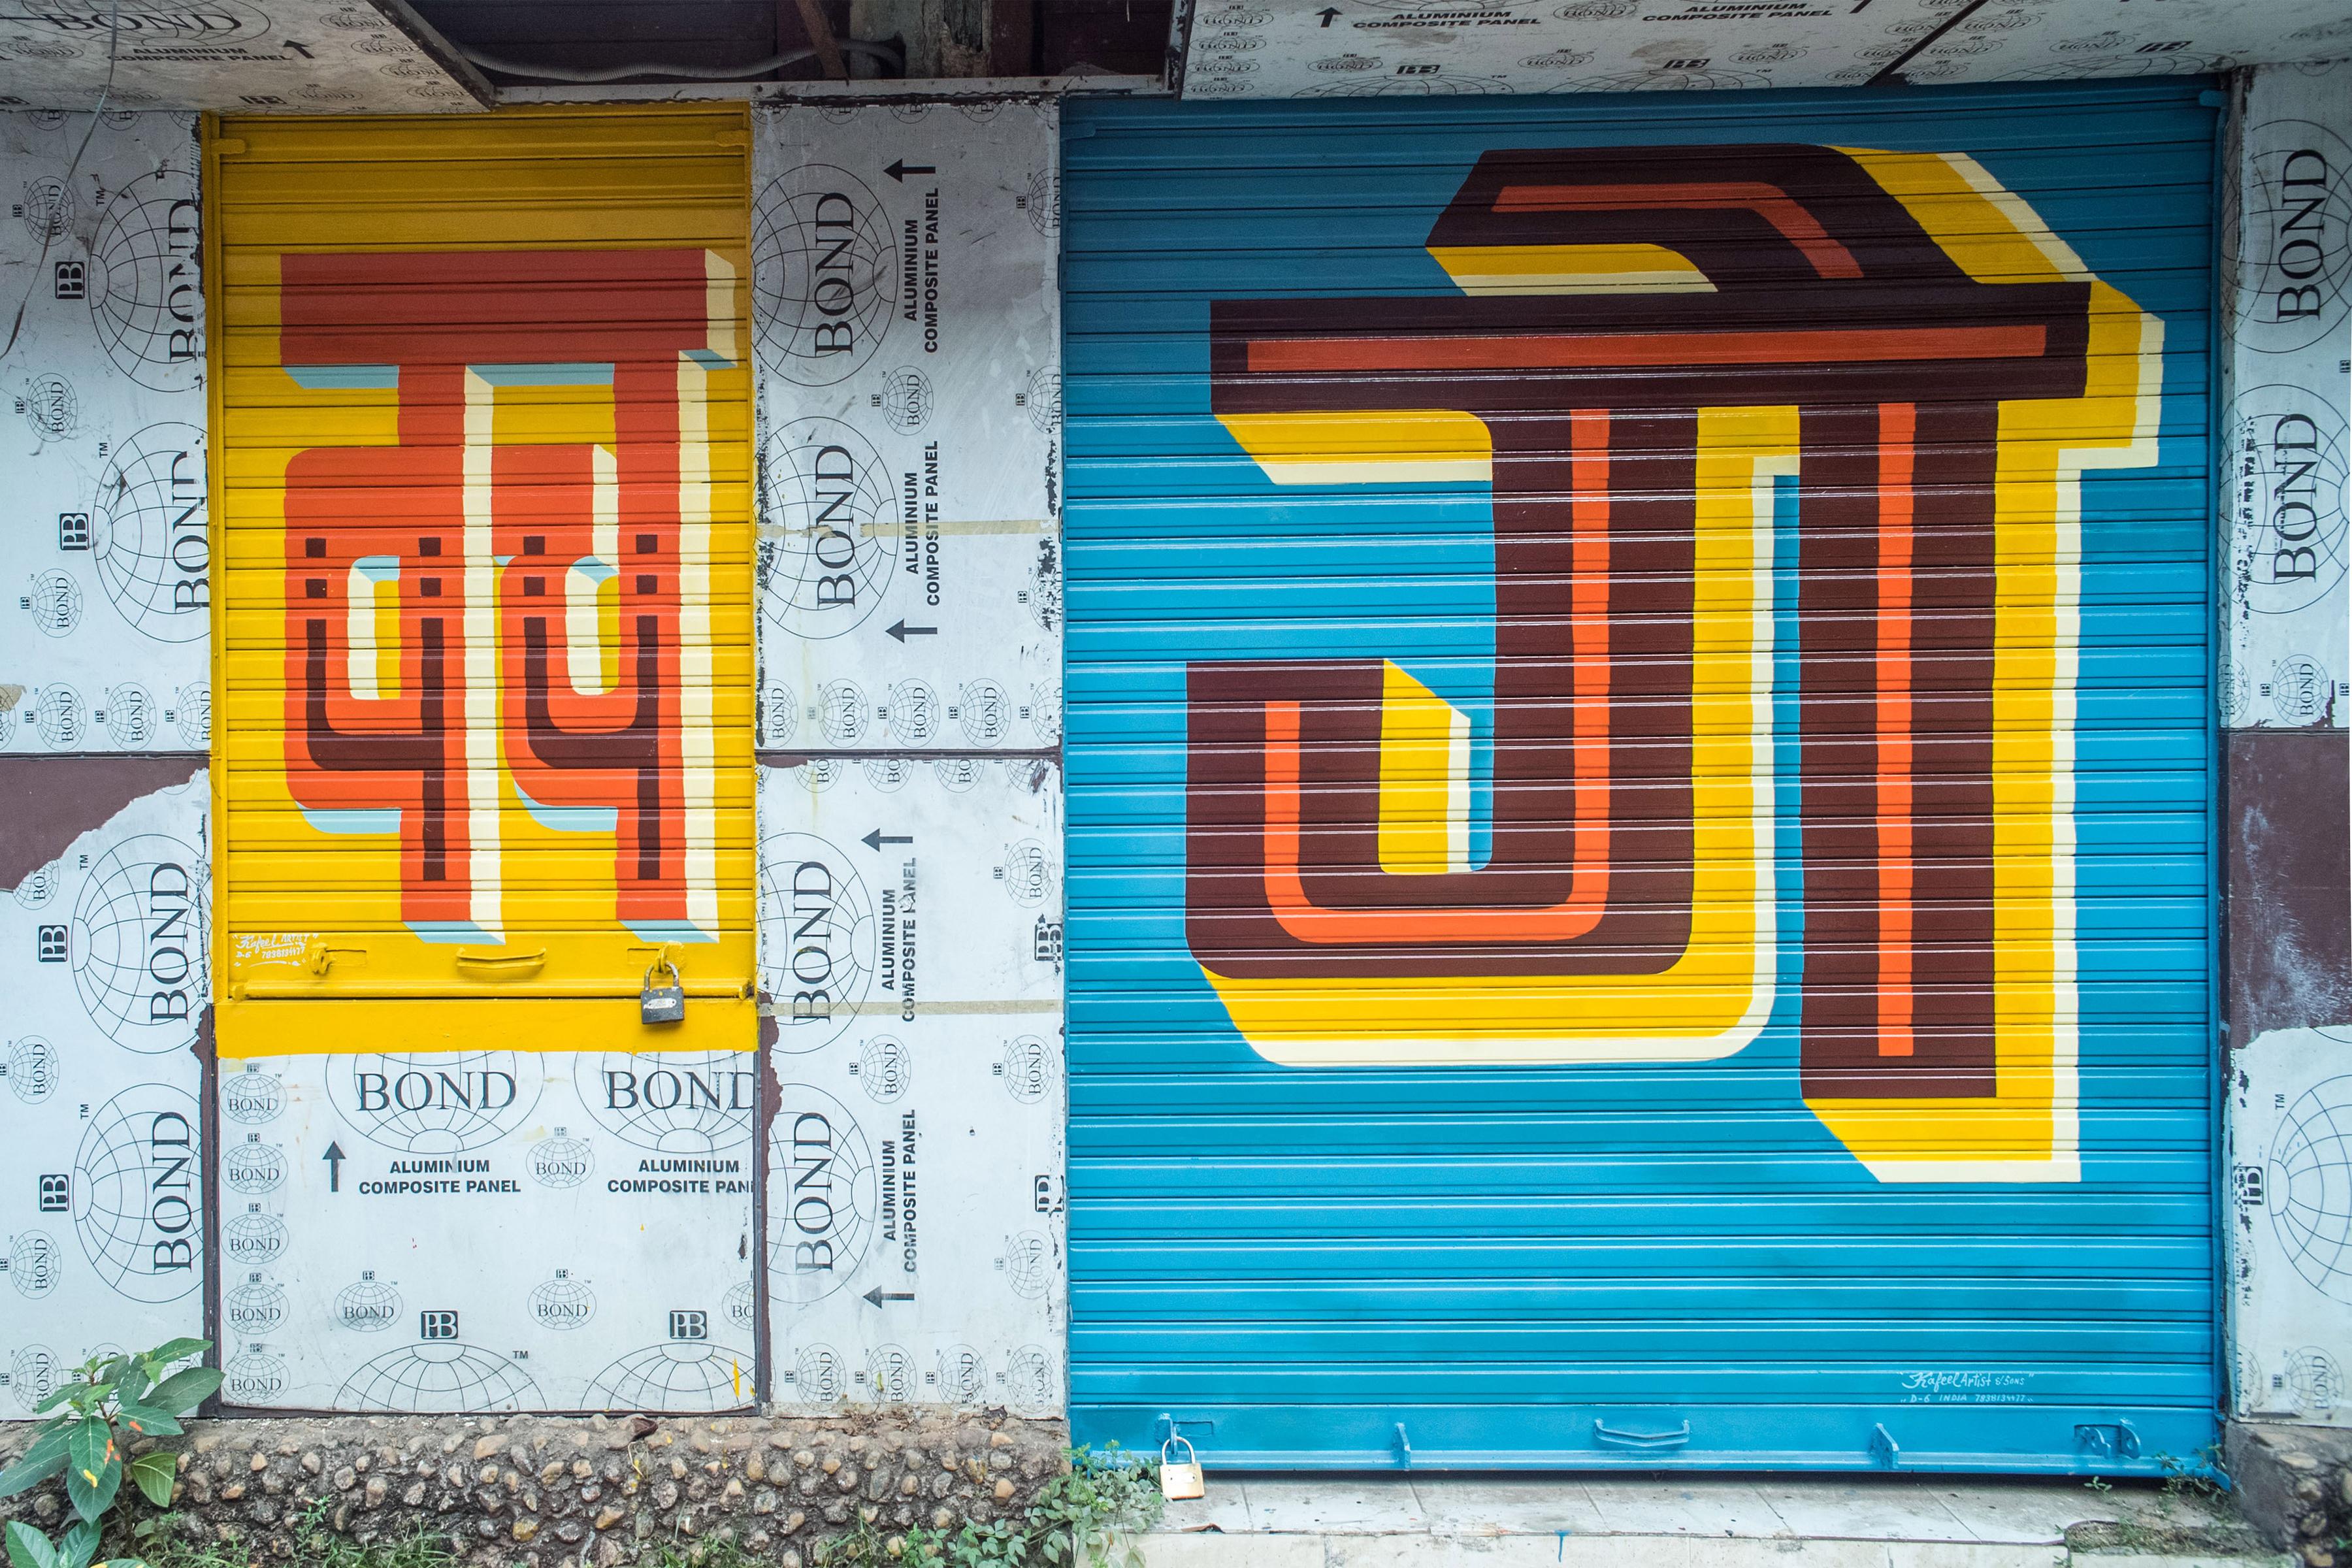 Proverbs Project Hanif Kureshi Painter Kafeel Start Goa 2017 2